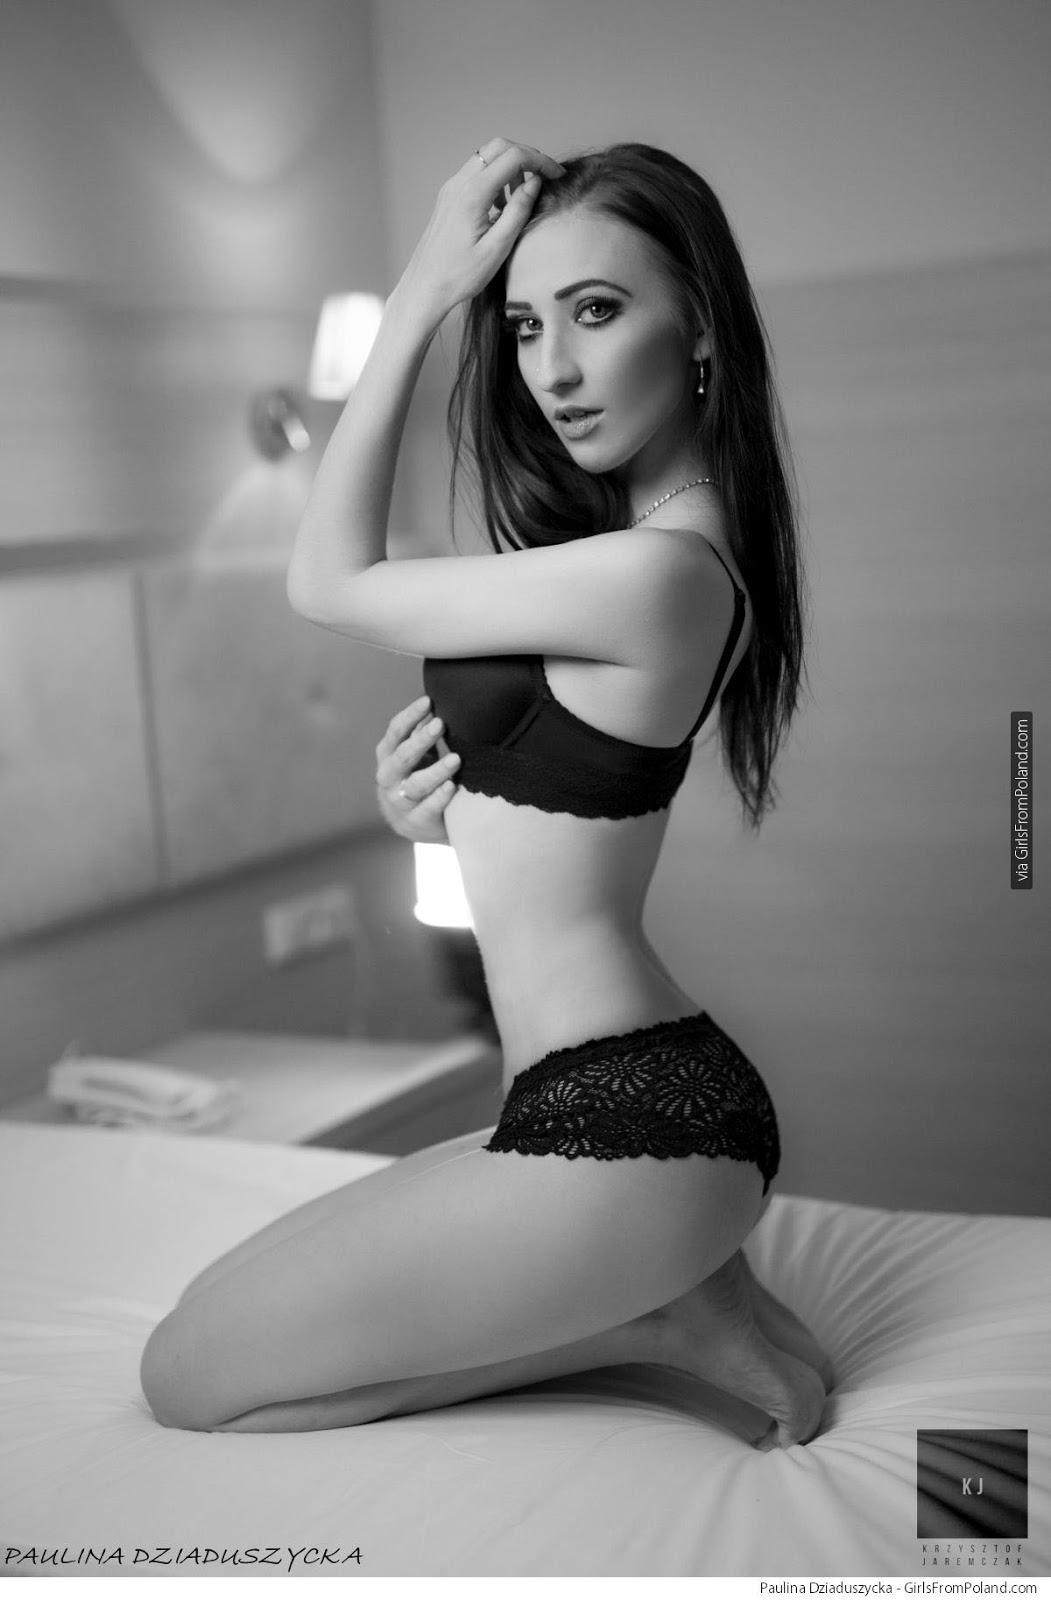 Paulina Dziaduszycka Zdjęcie 13